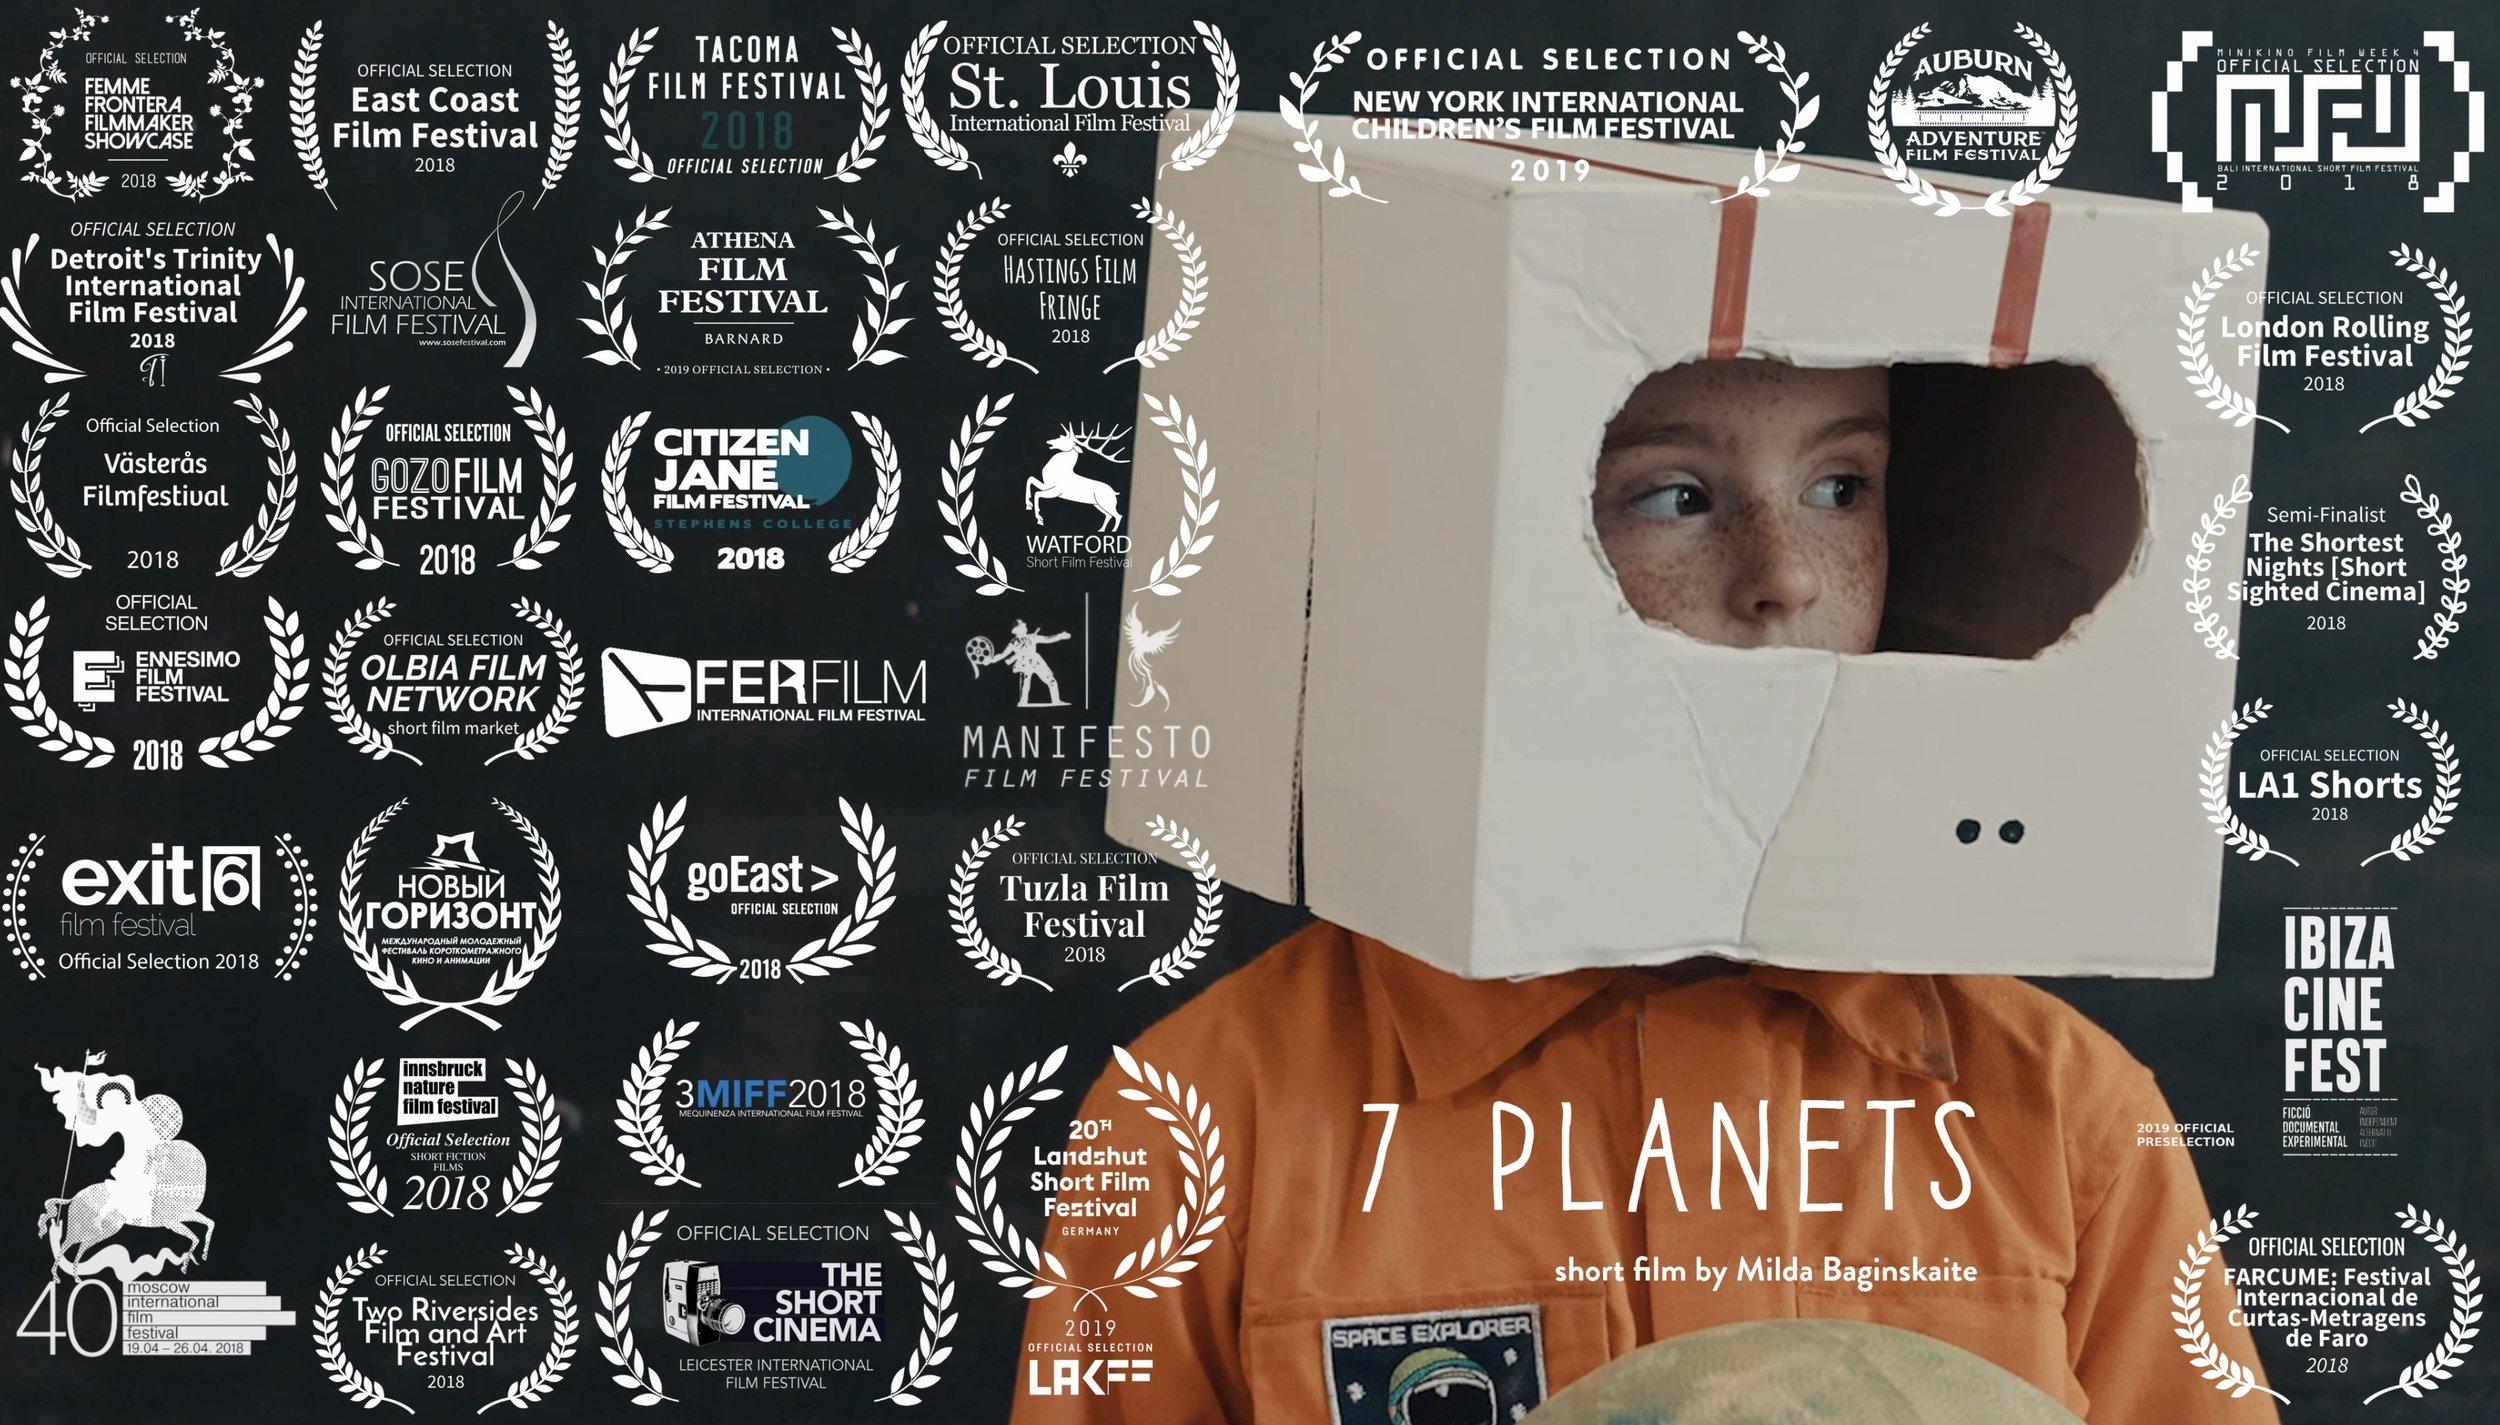 7 PLANETS | 2019 | 6 MINS | SCI-FI DRAMA